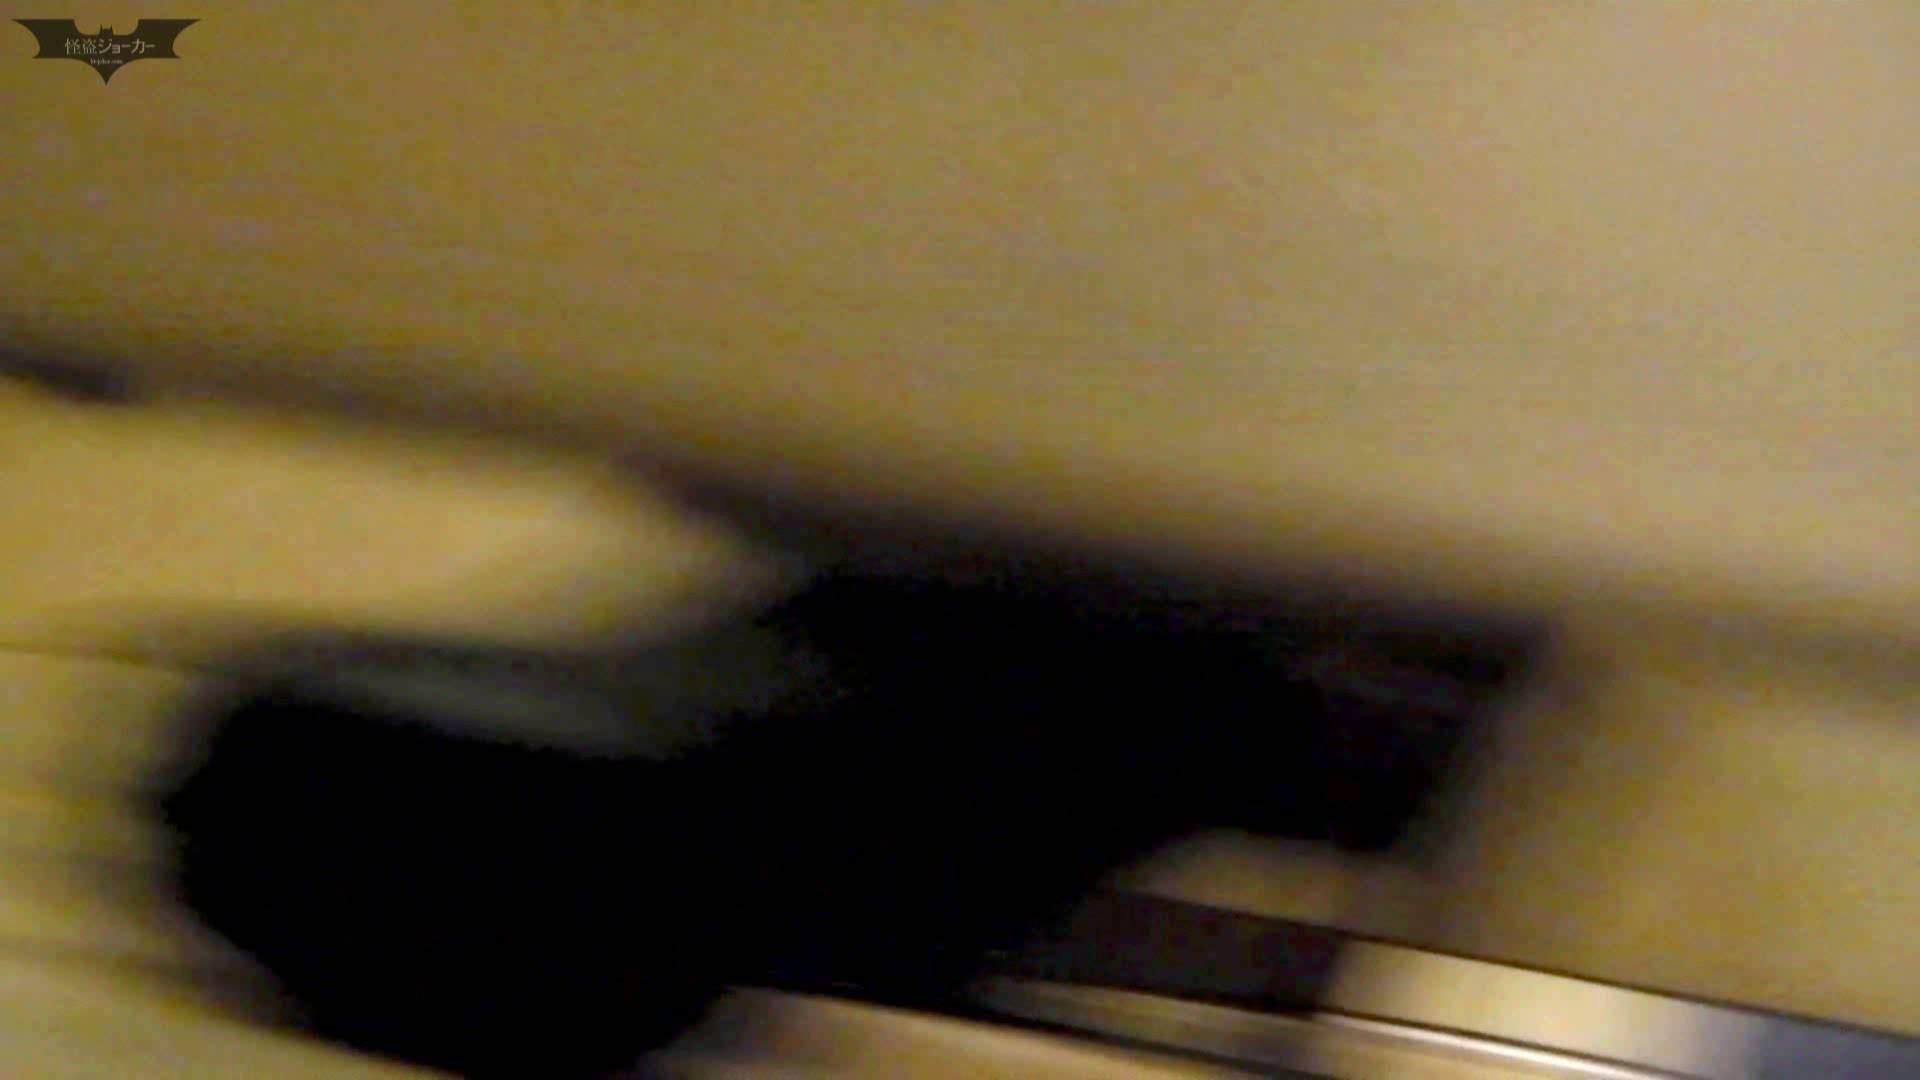 新世界の射窓 No70 世界の窓70 八頭身美女のエロい中腰 丸見え AV無料動画キャプチャ 101画像 75